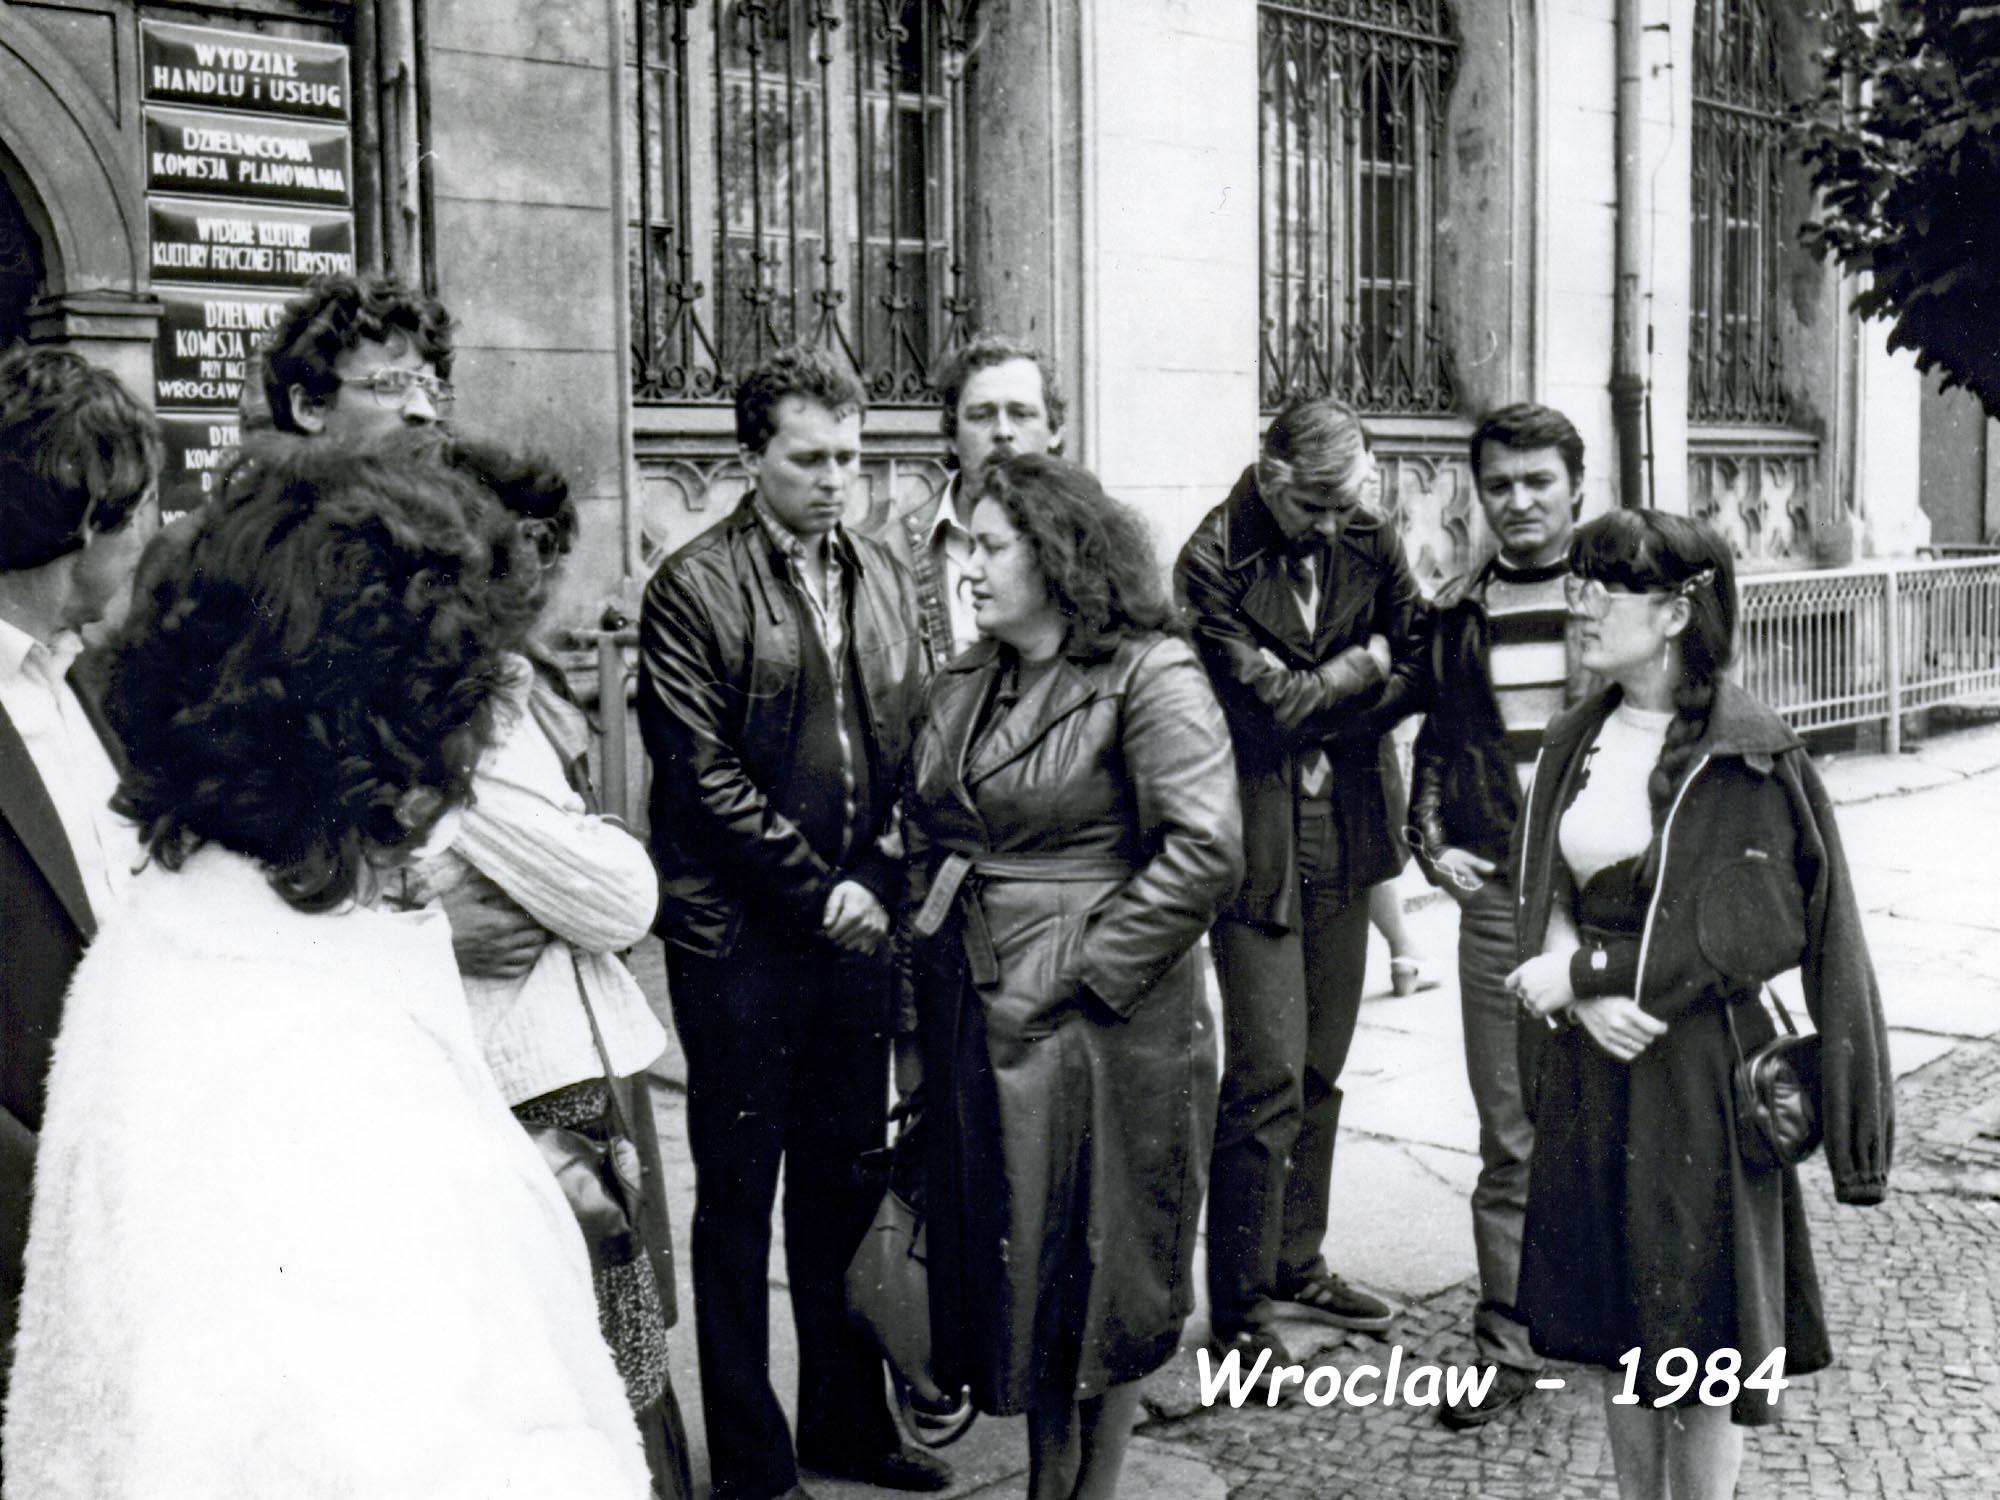 Wroclaw-1984-20-WEB